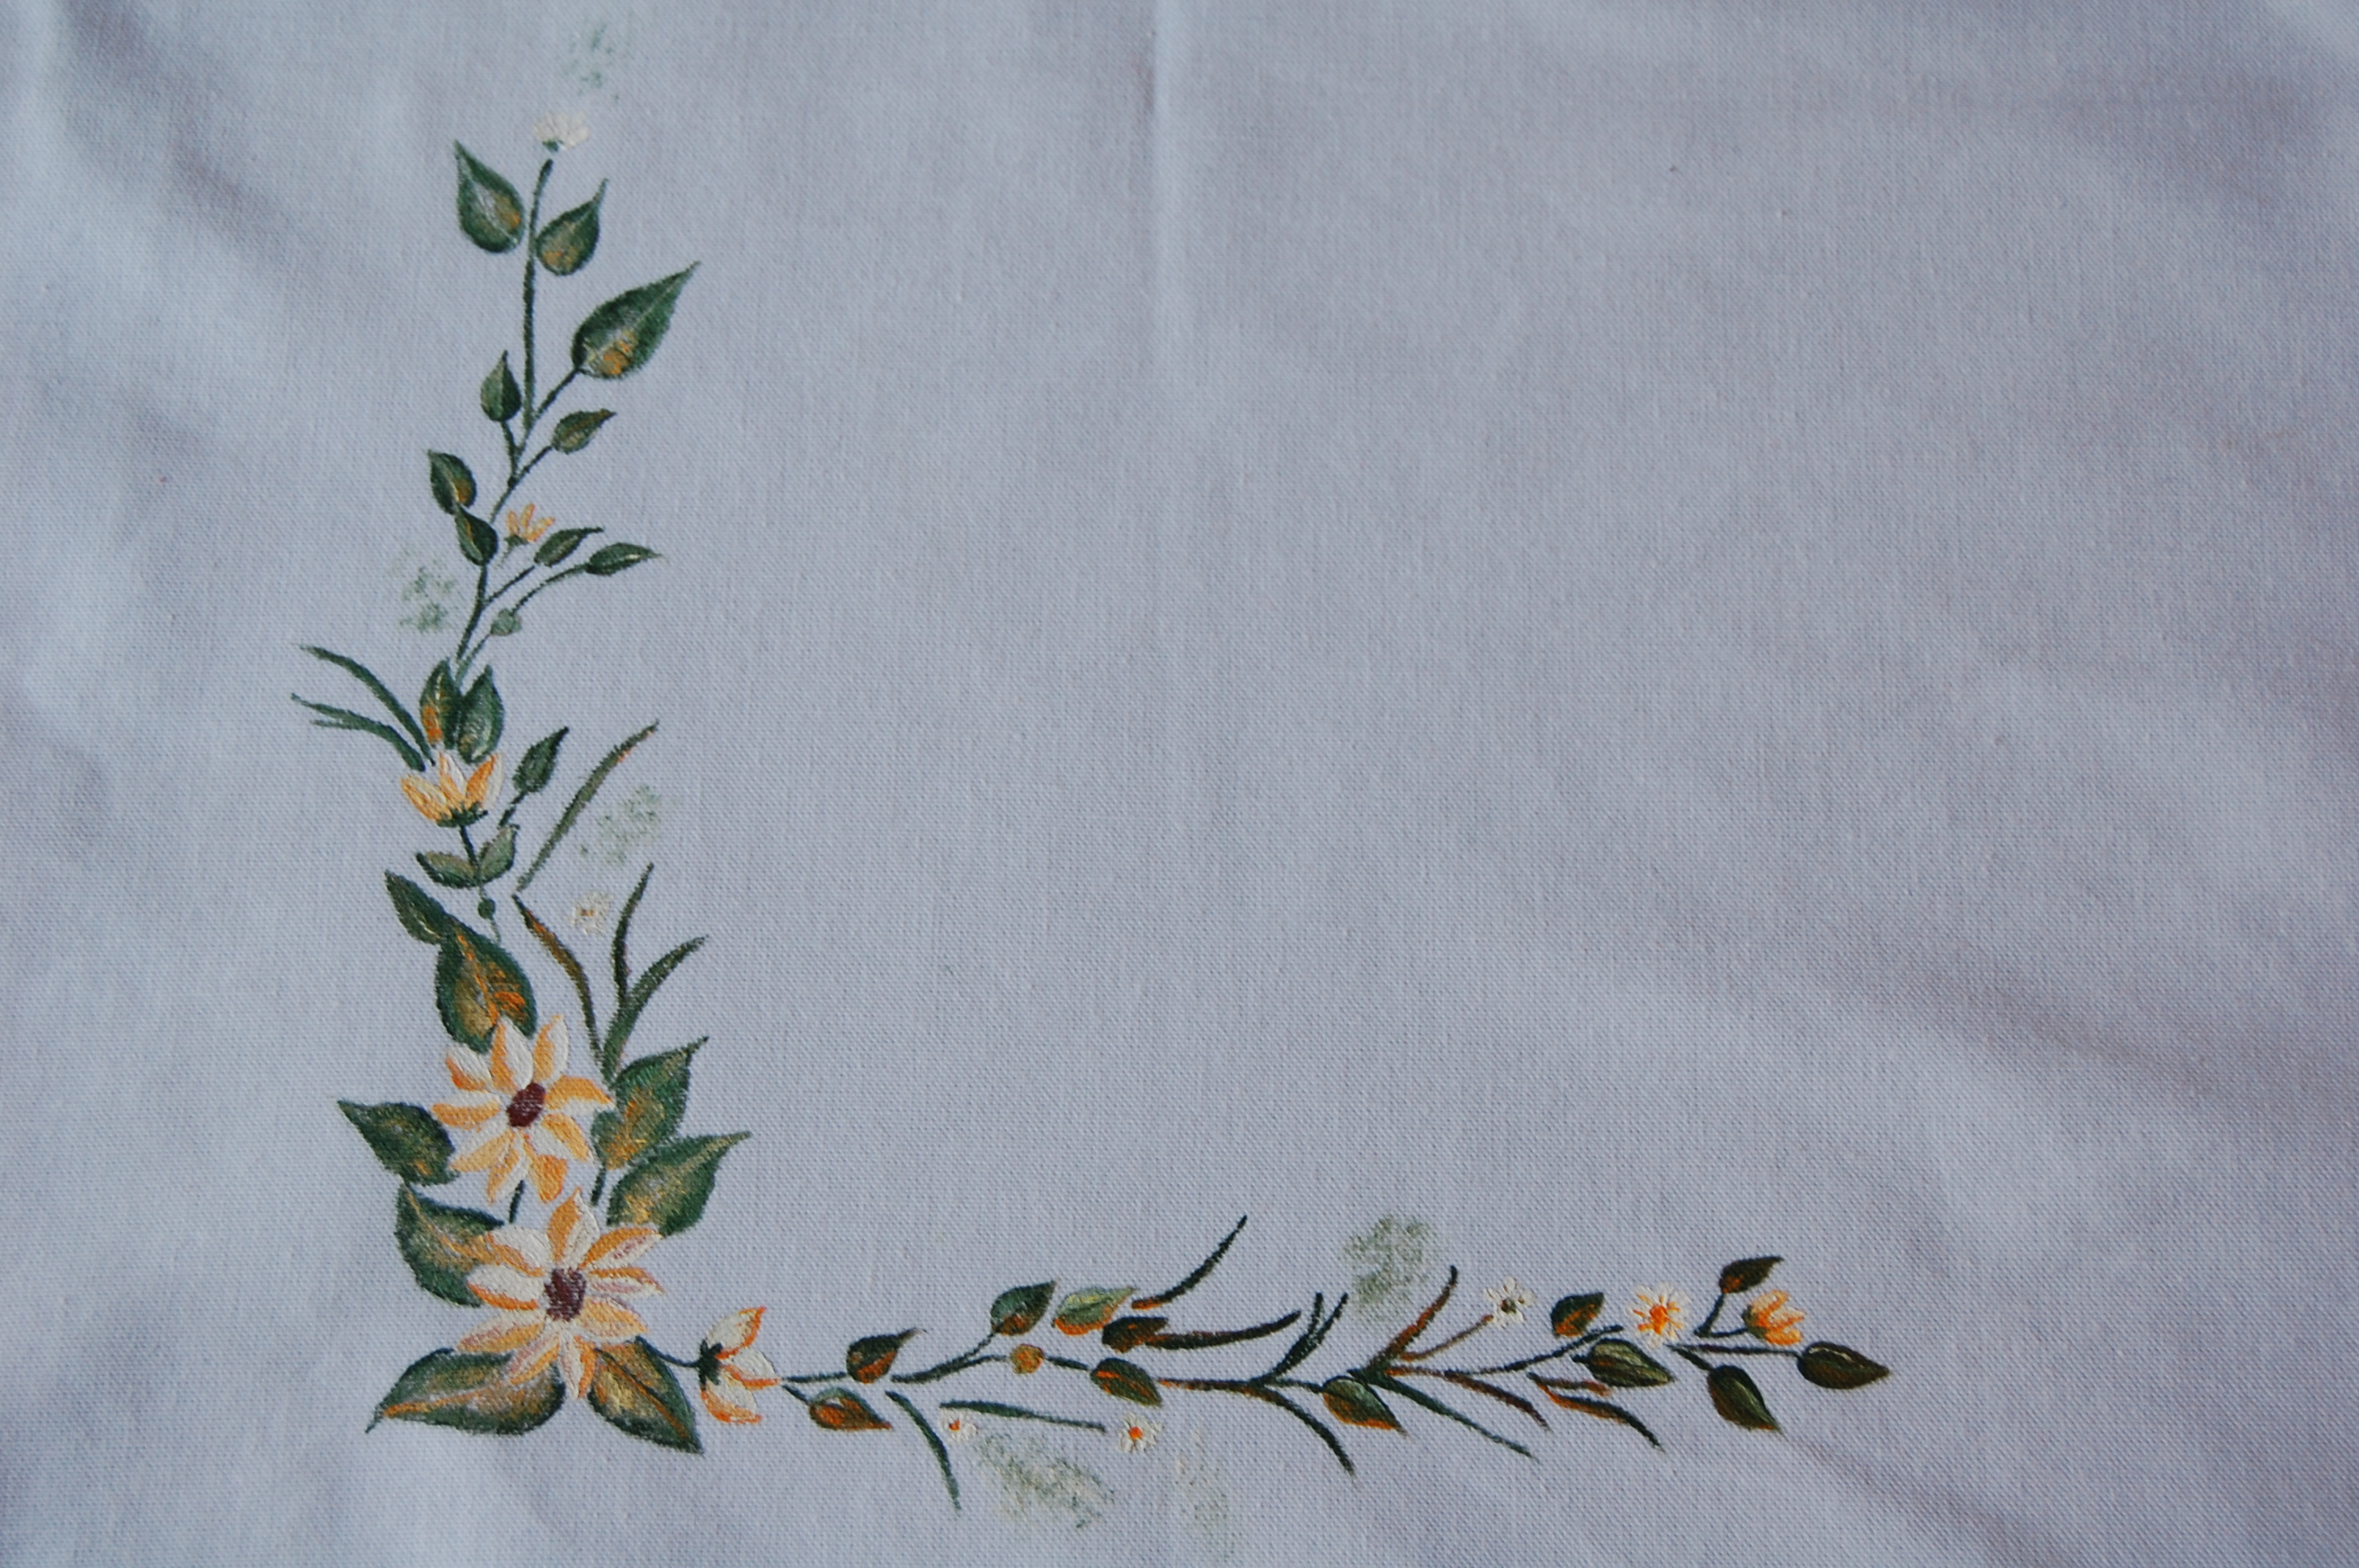 Pintura en tela un mantel paint on fabric a tablecloth tijeras y cuchara - Dibujos para pintar en tela ...